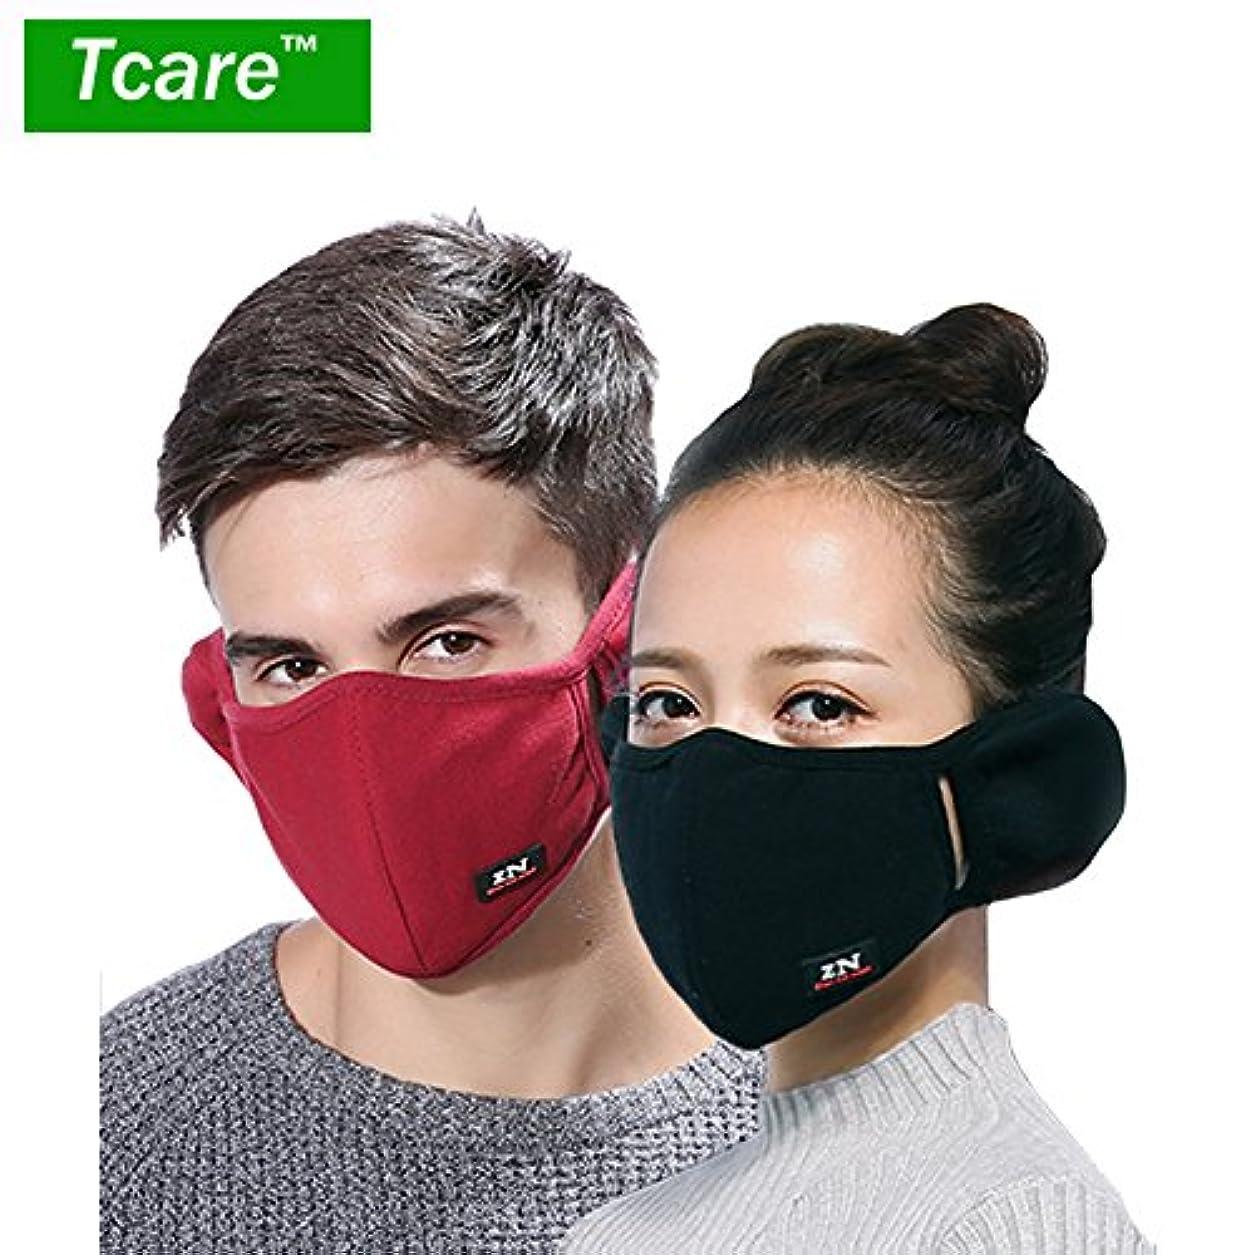 路地非難する先入観男性女性の少年少女のためのTcare呼吸器2レイヤピュアコットン保護フィルター挿入口:10紺